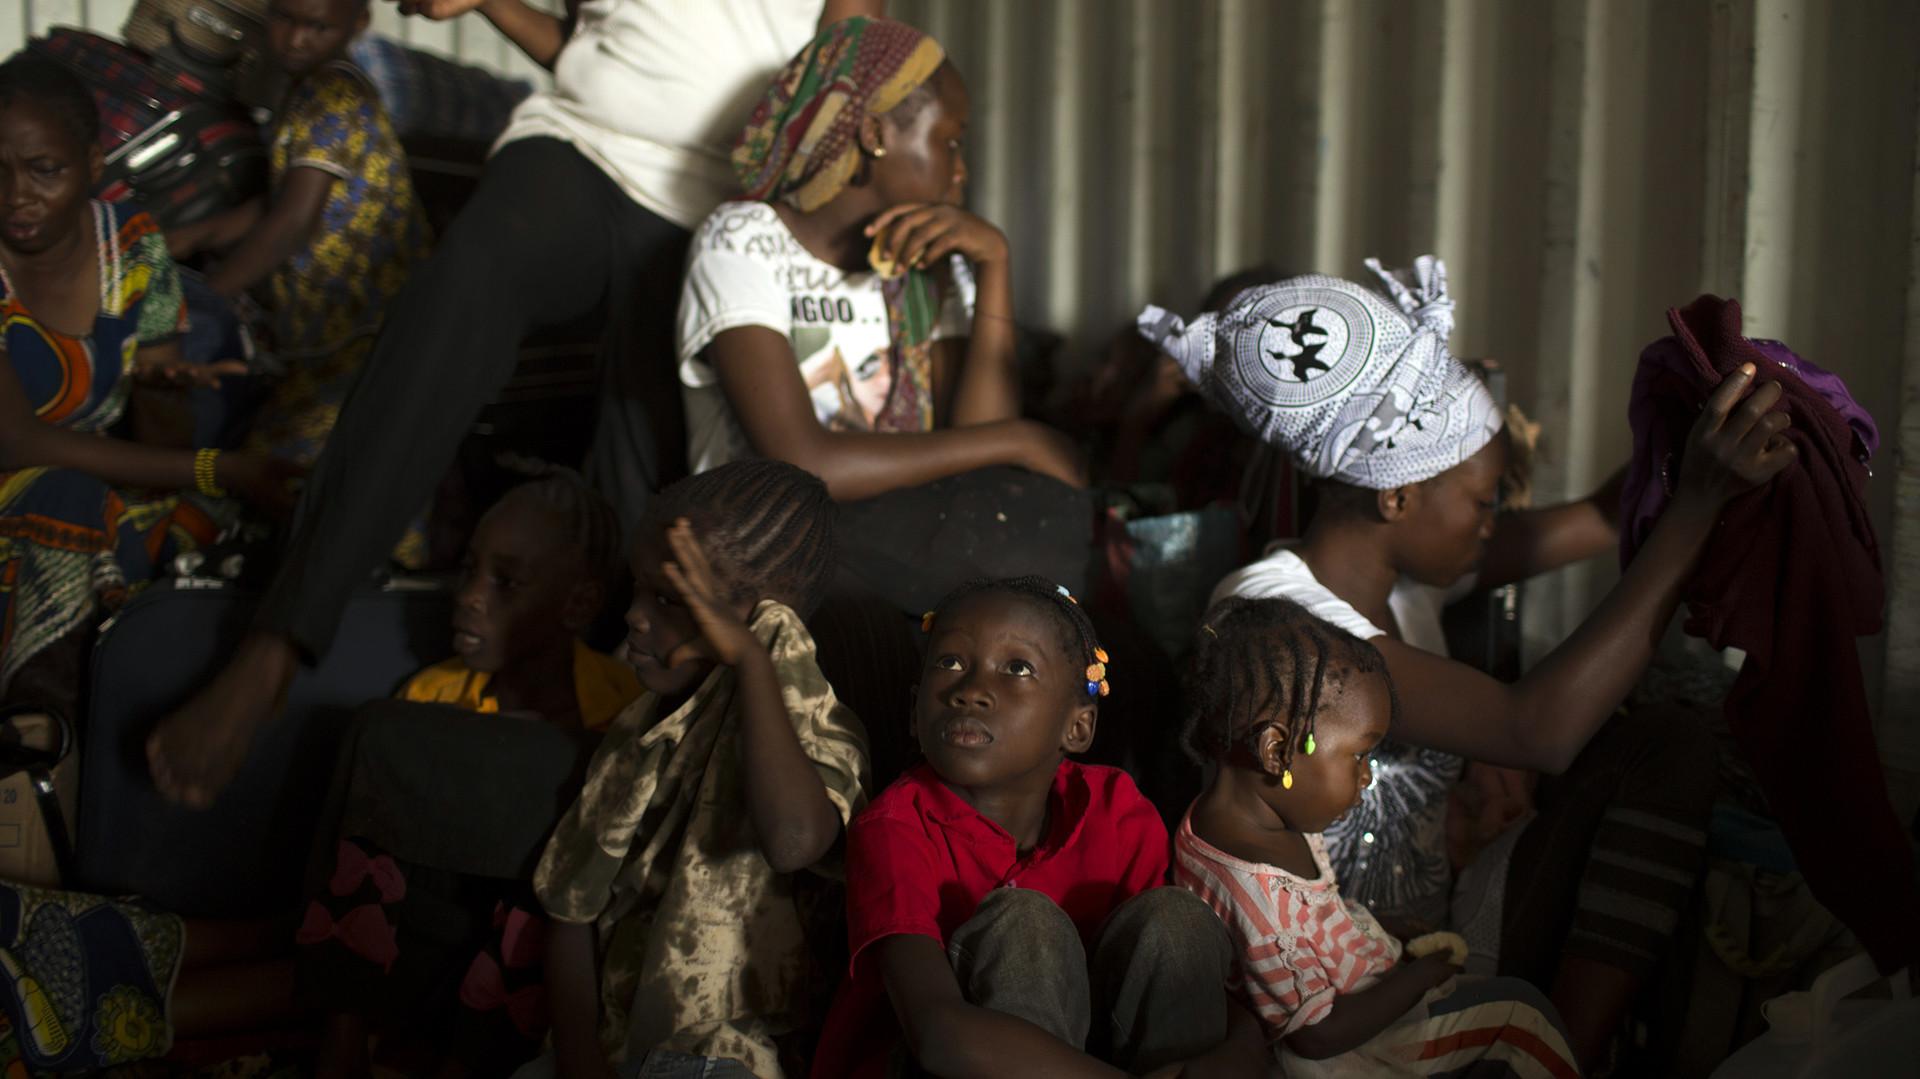 Les enfants en Centrafrique